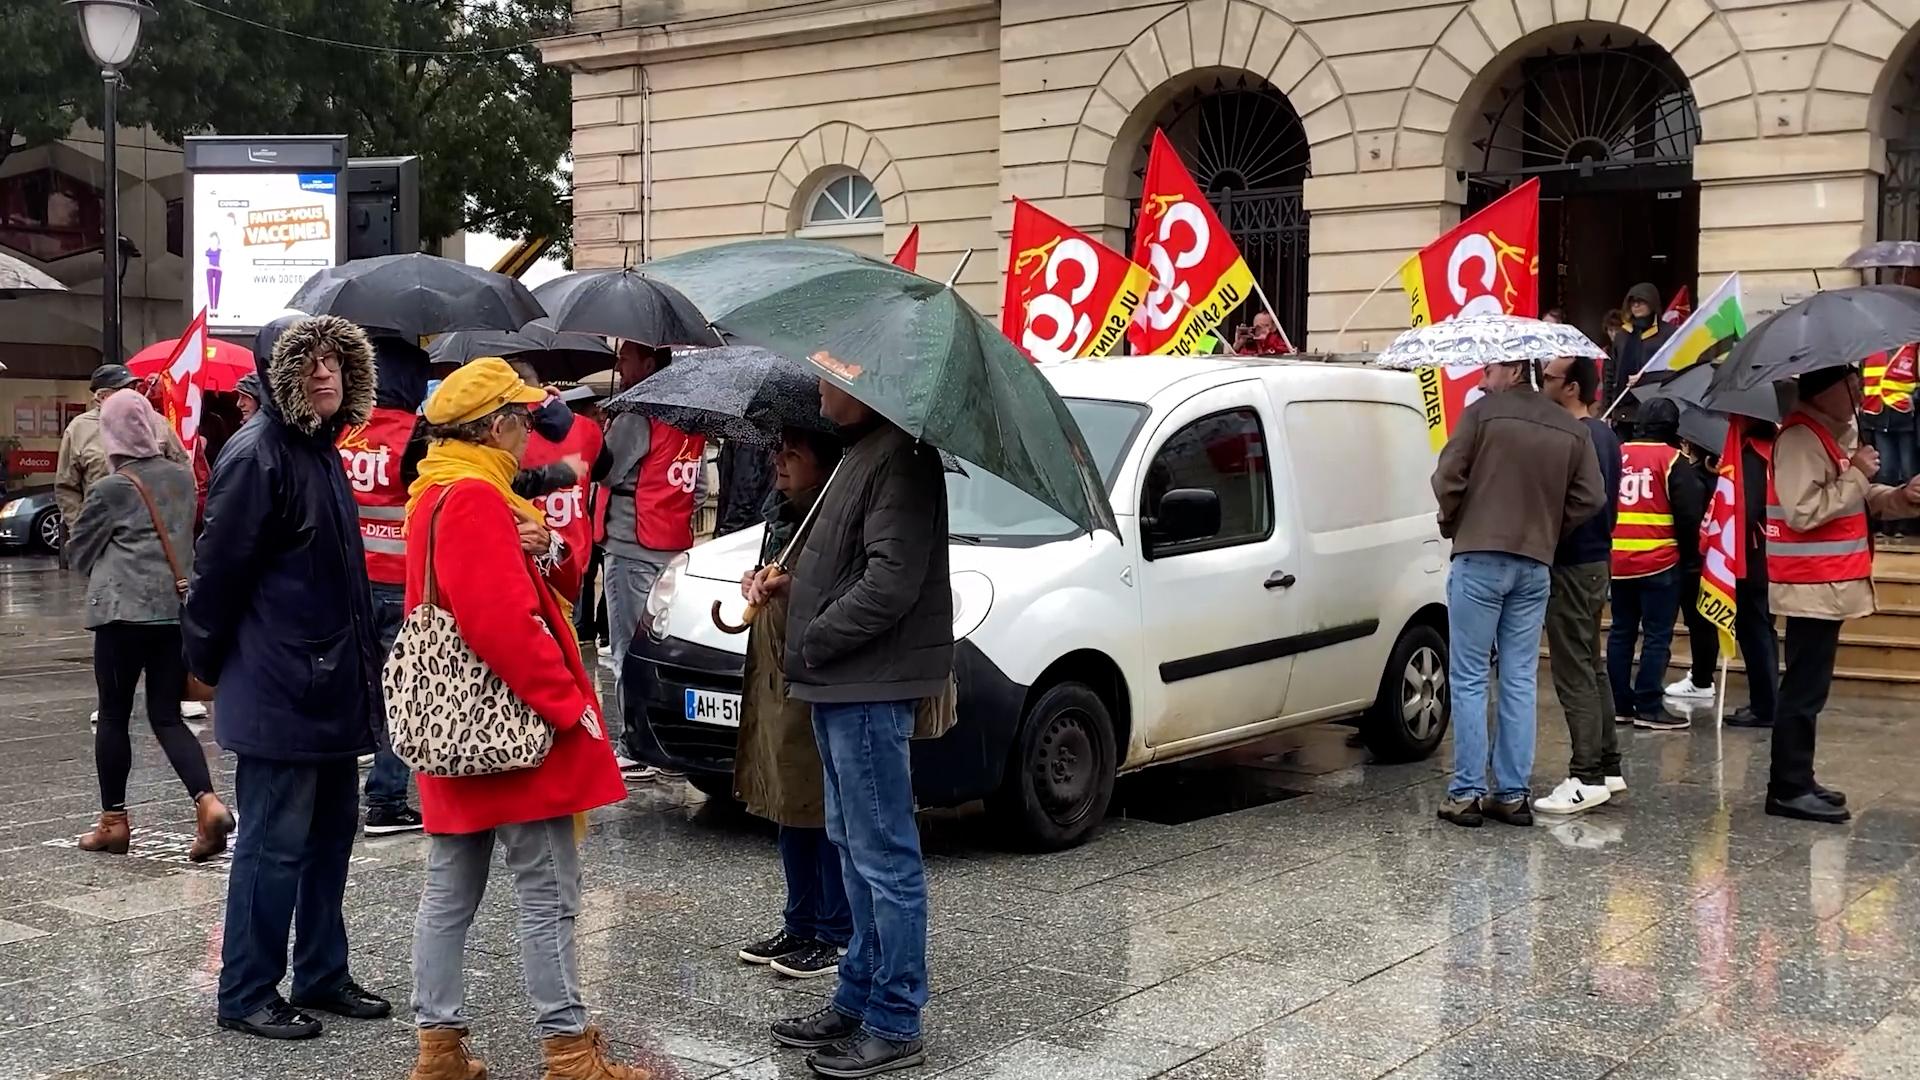 Des personnes rassemblées devant la mairie de Saint-Dizier lors d'une manifestation.